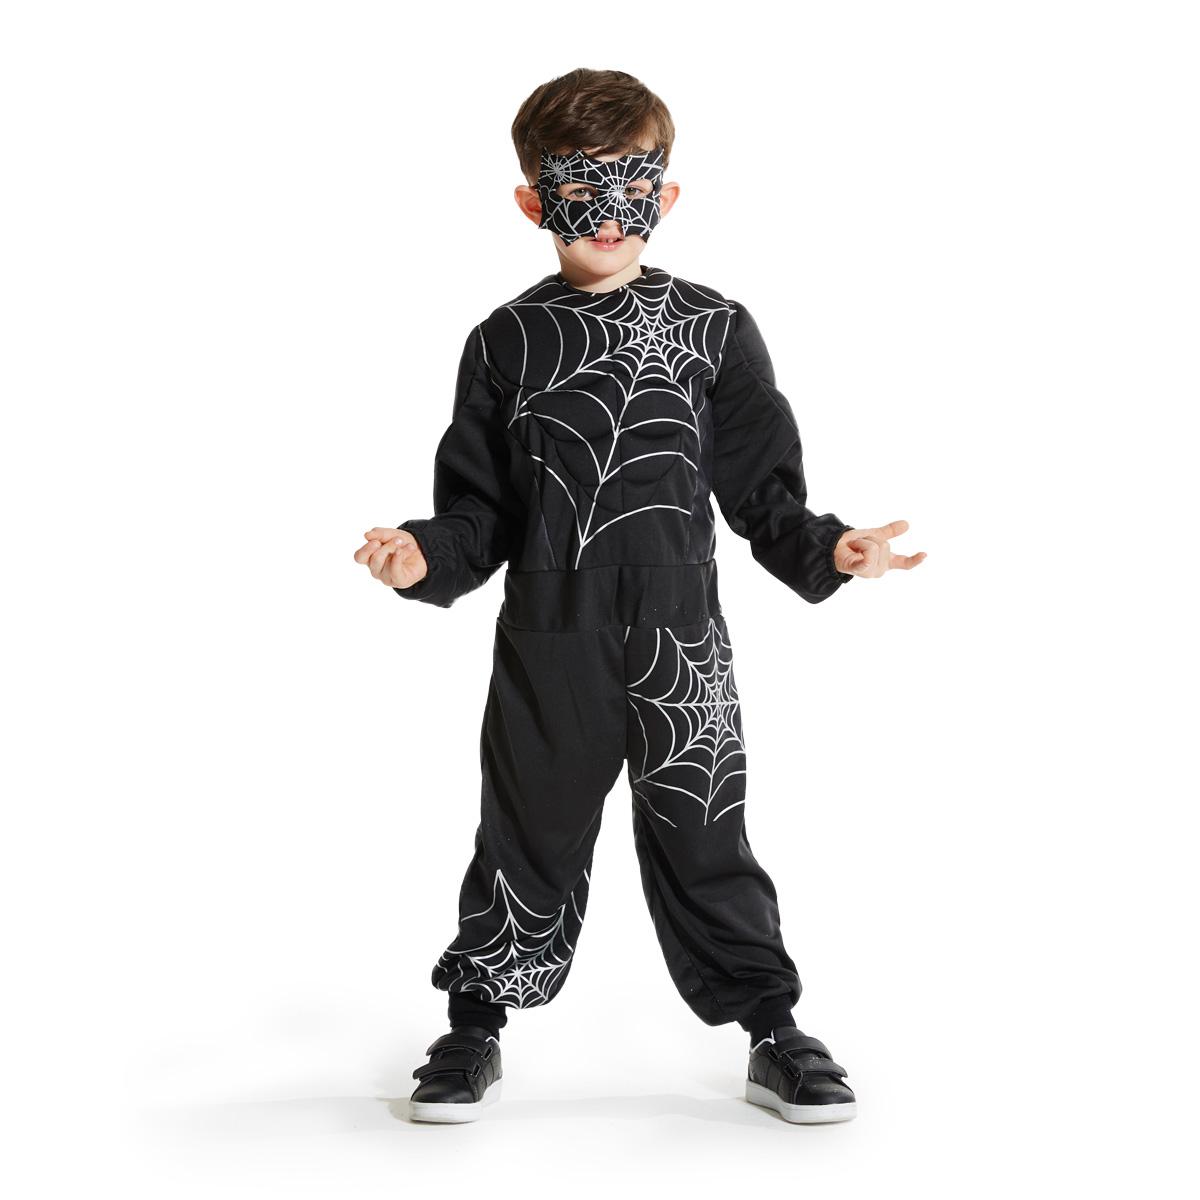 Déguisement Homme araignée noir 3-5 ans by Imagibul